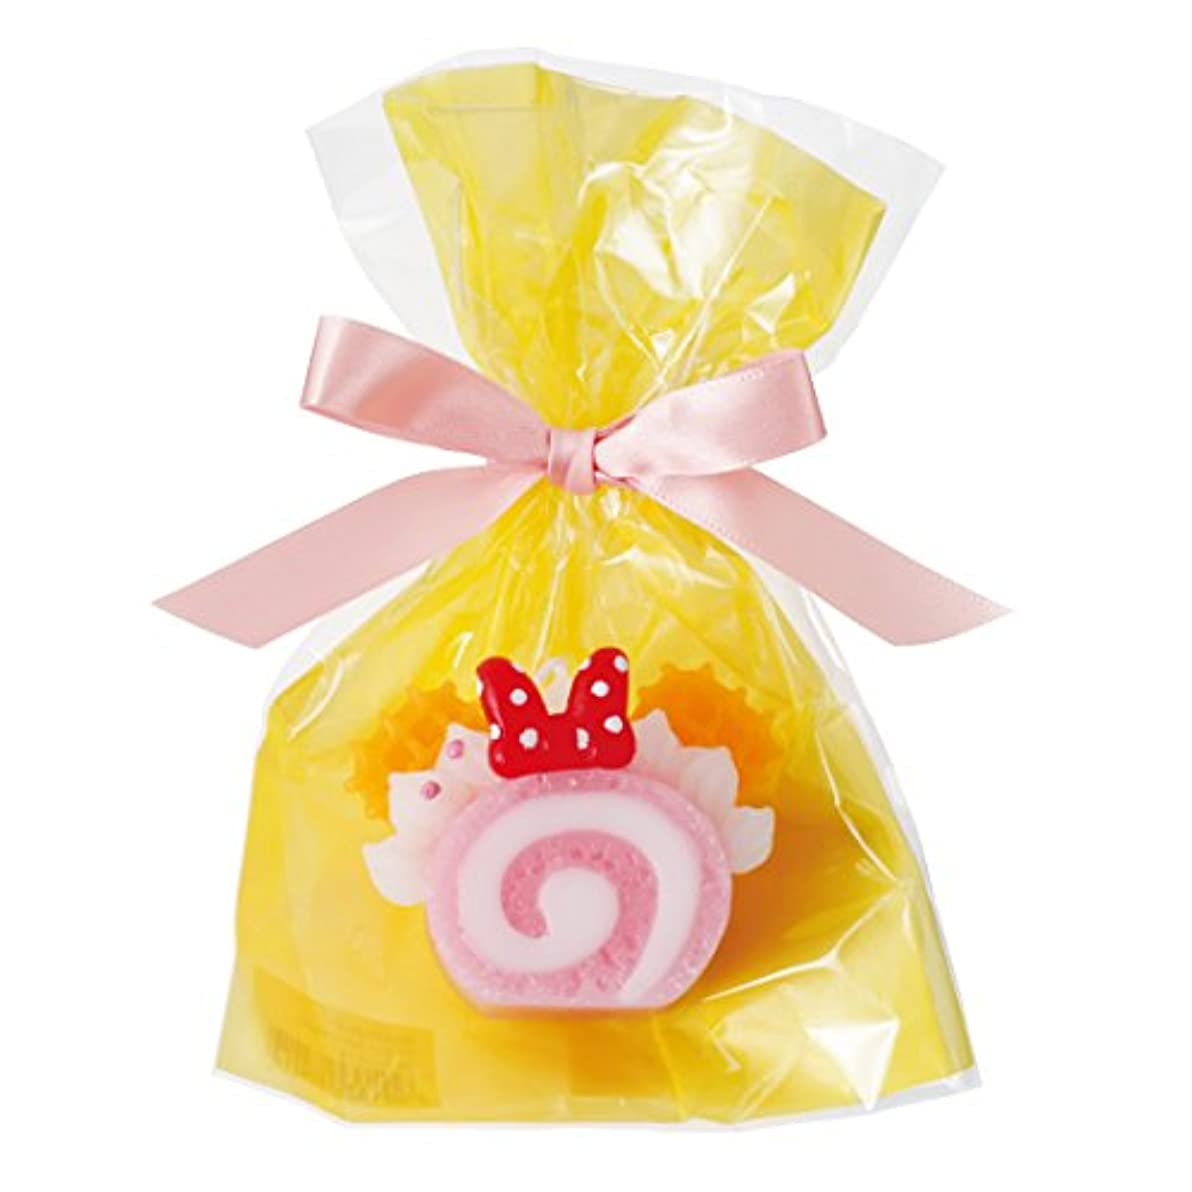 実り多い麺間隔ディズニースイーツキャンドル 「 ピンクロールケーキ 」